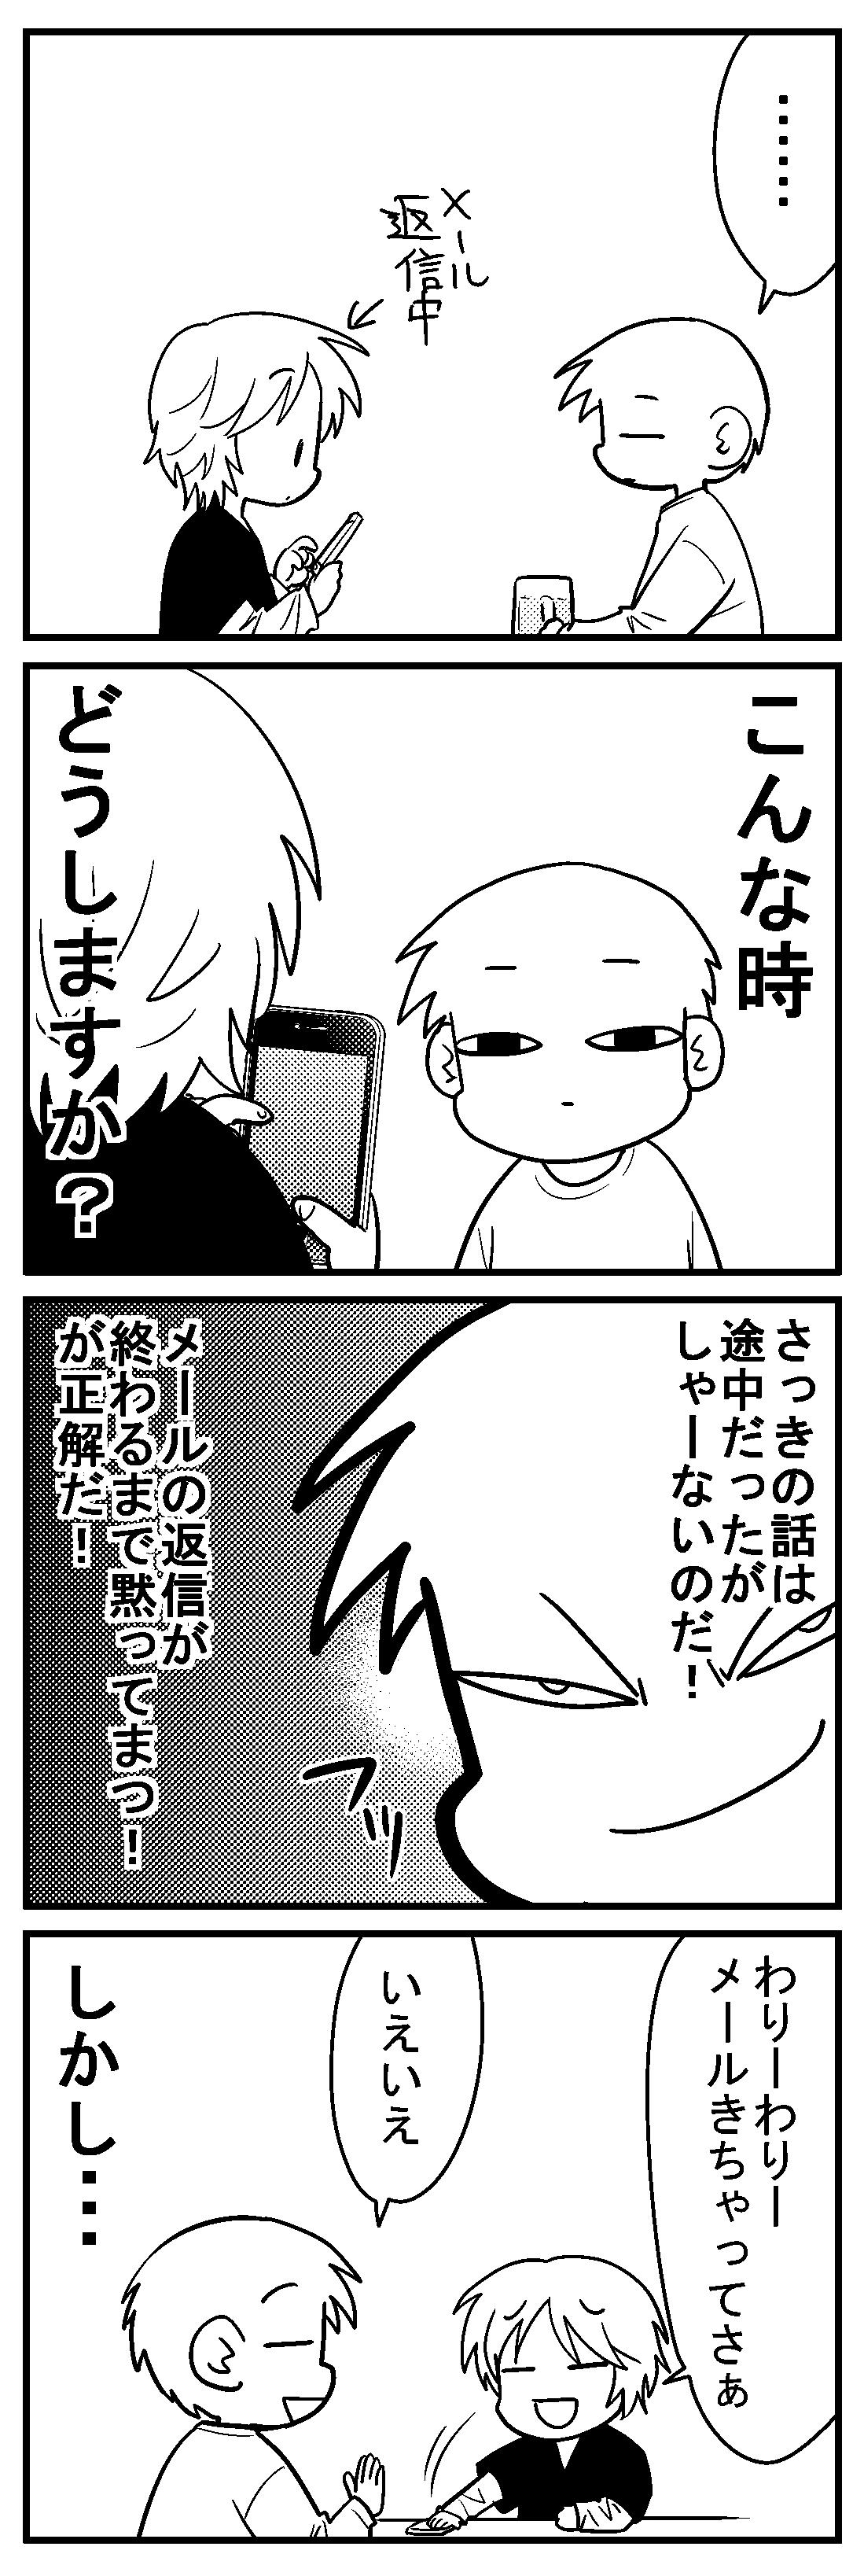 深読みくん37-2